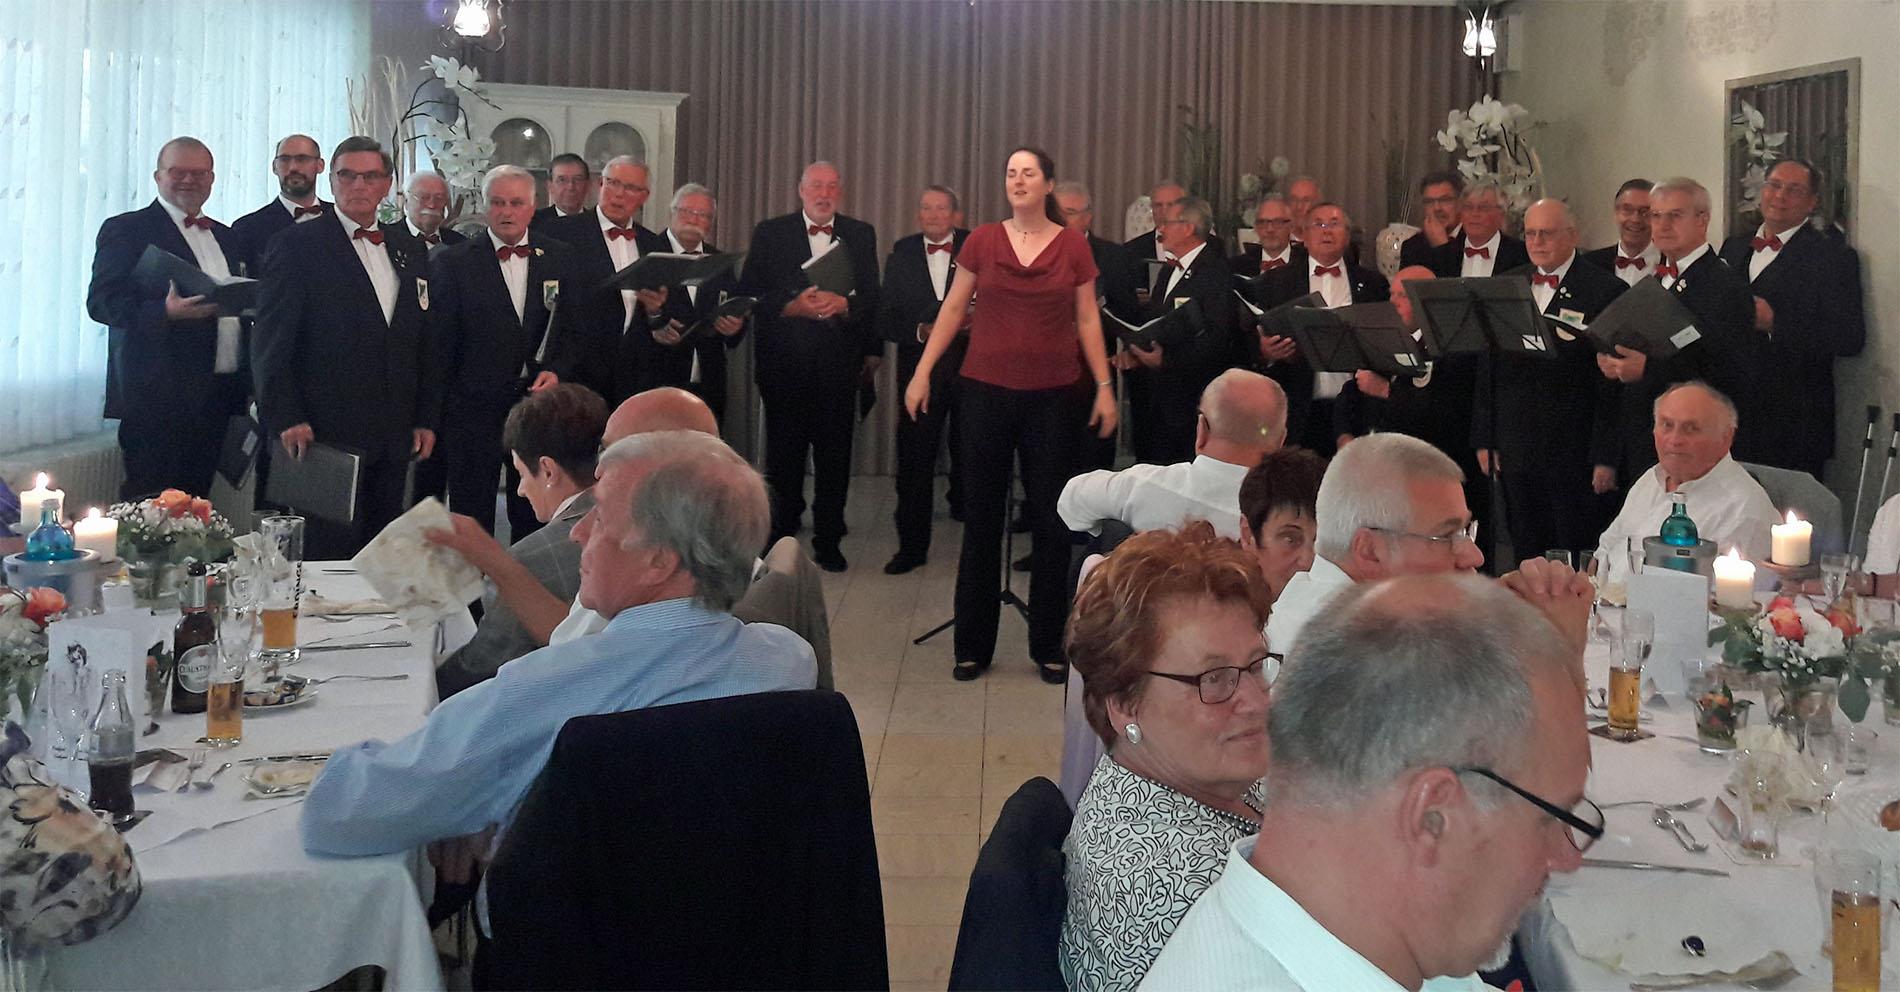 Musikalisch schwungvoll gratulierte der MGV Quartettverein 1930 Königshoven e. V. mit Chorleiterin Daniela Bosenius als Überraschung zur Diamanthochzeit. (Fotos: Azubi Hans)